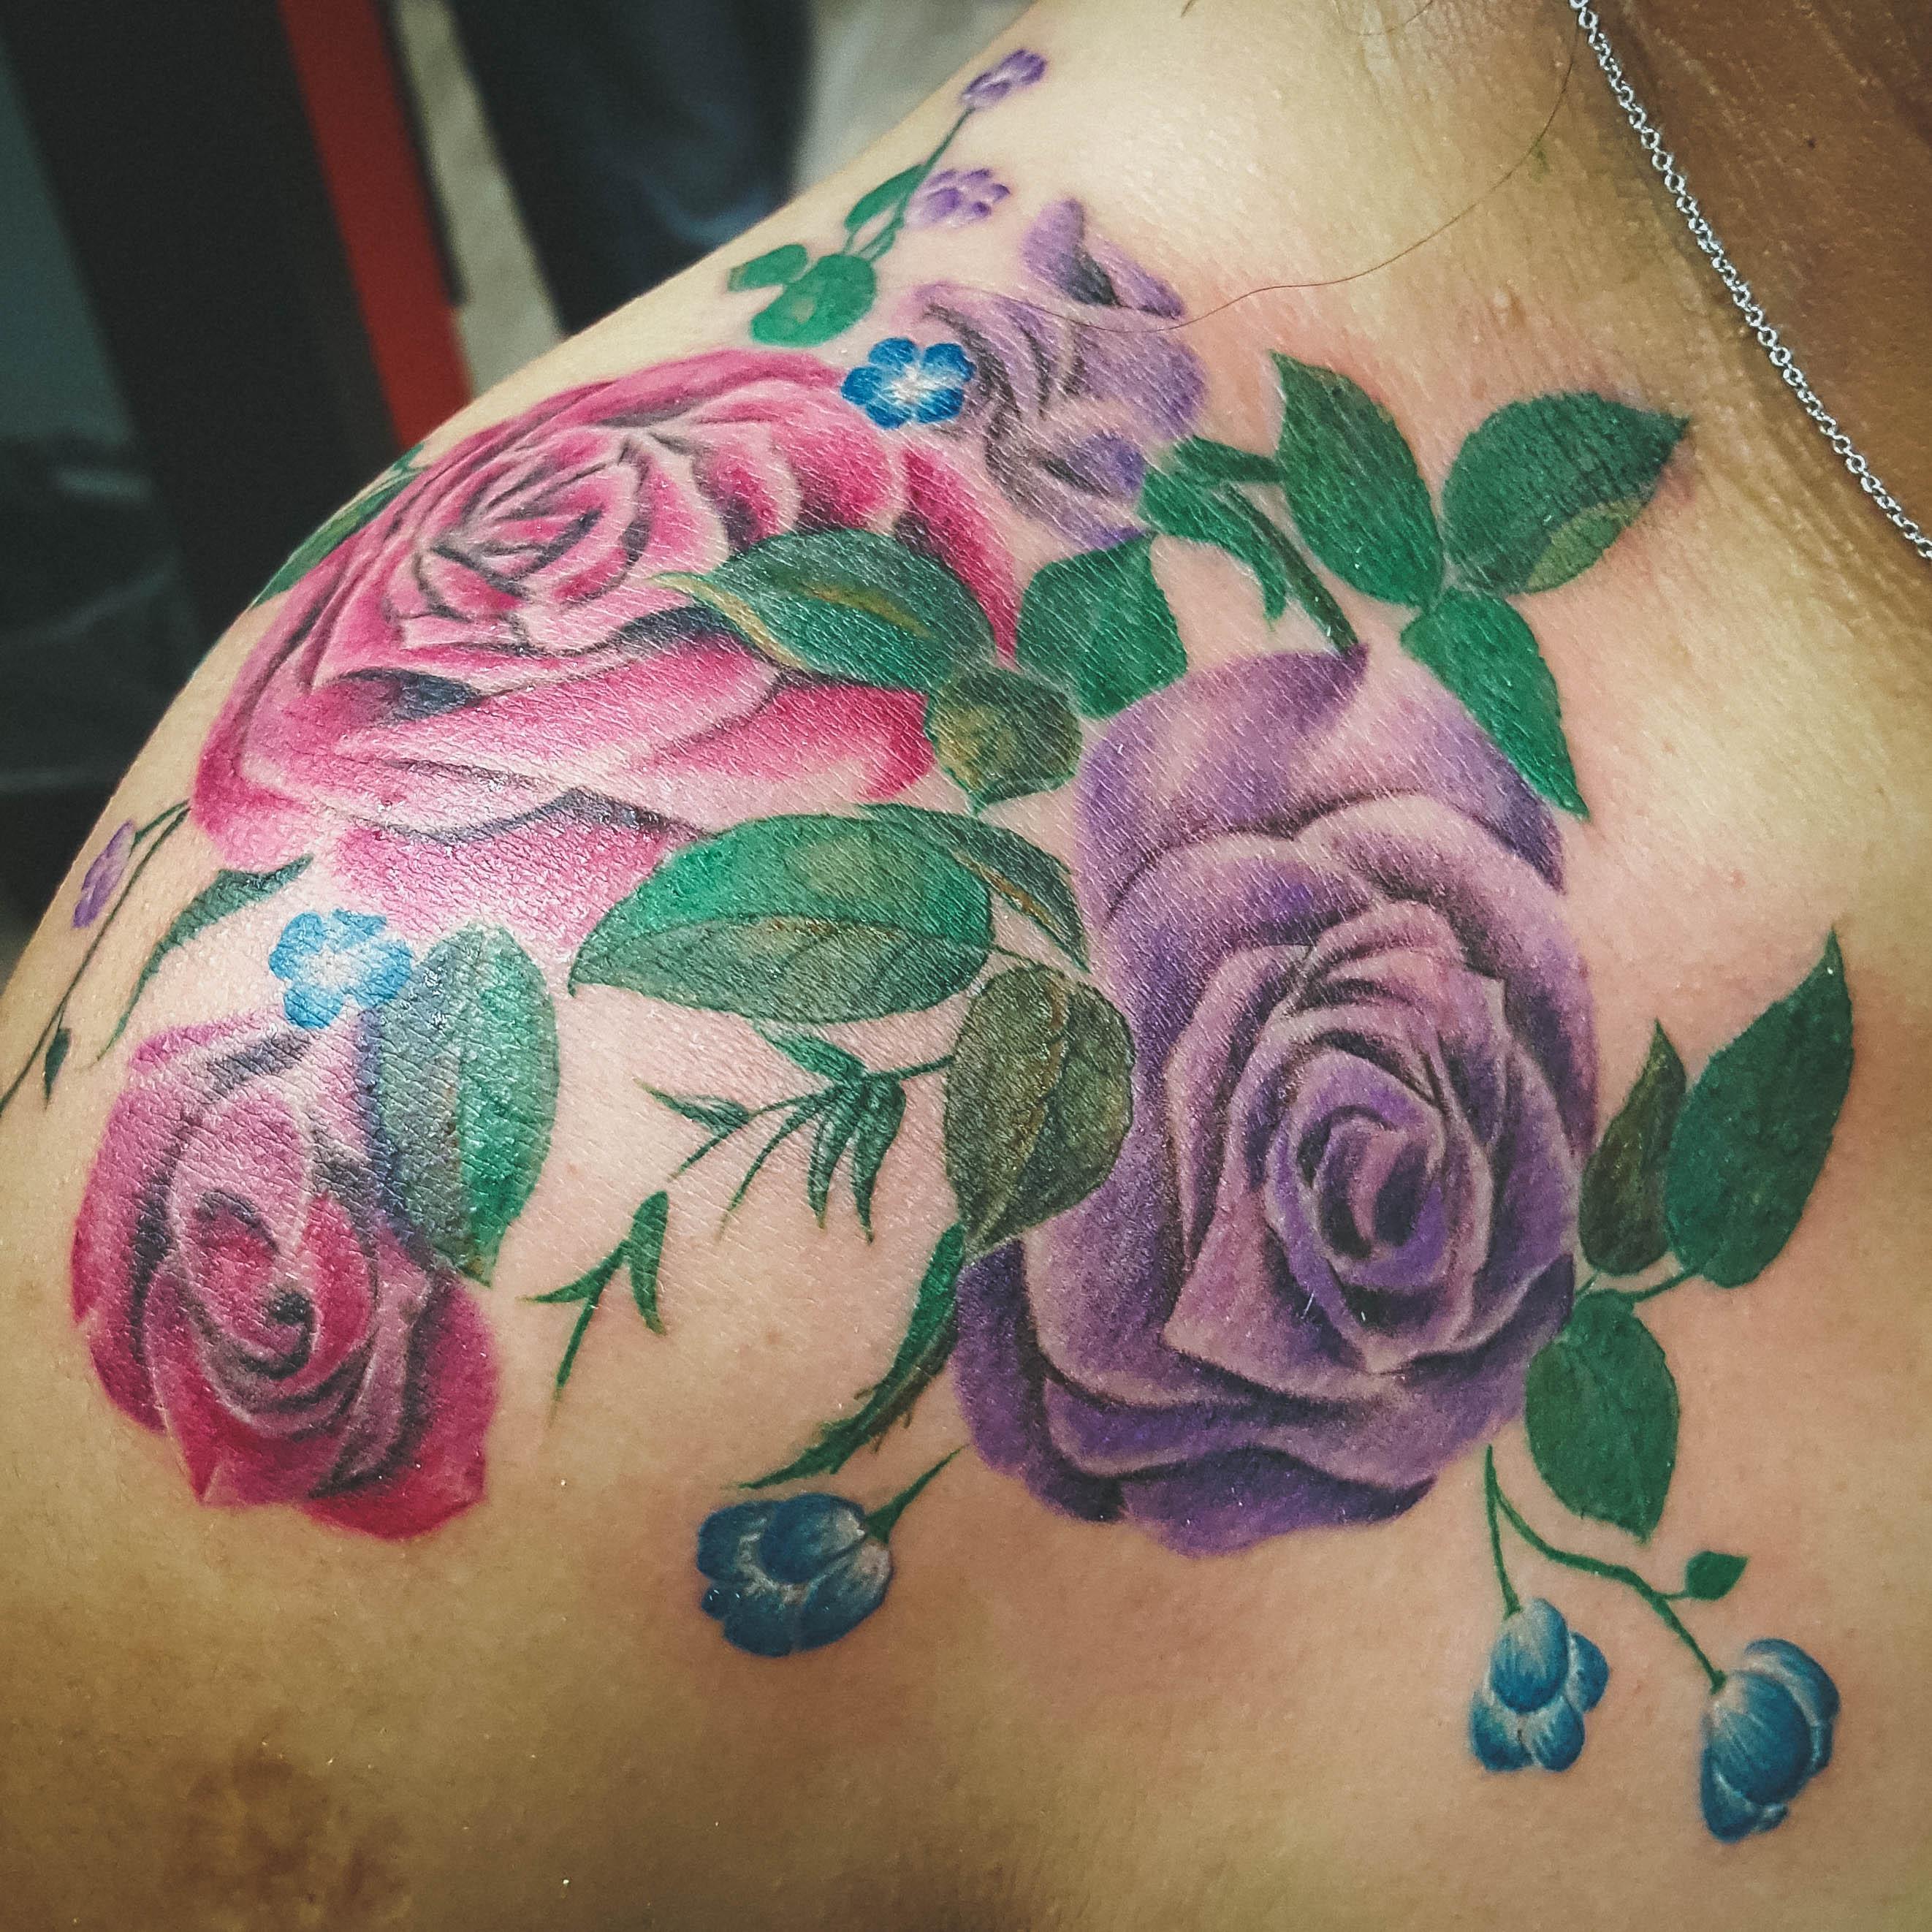 Q Tattoo in Huntington Beach - Quan - should tattoo floral